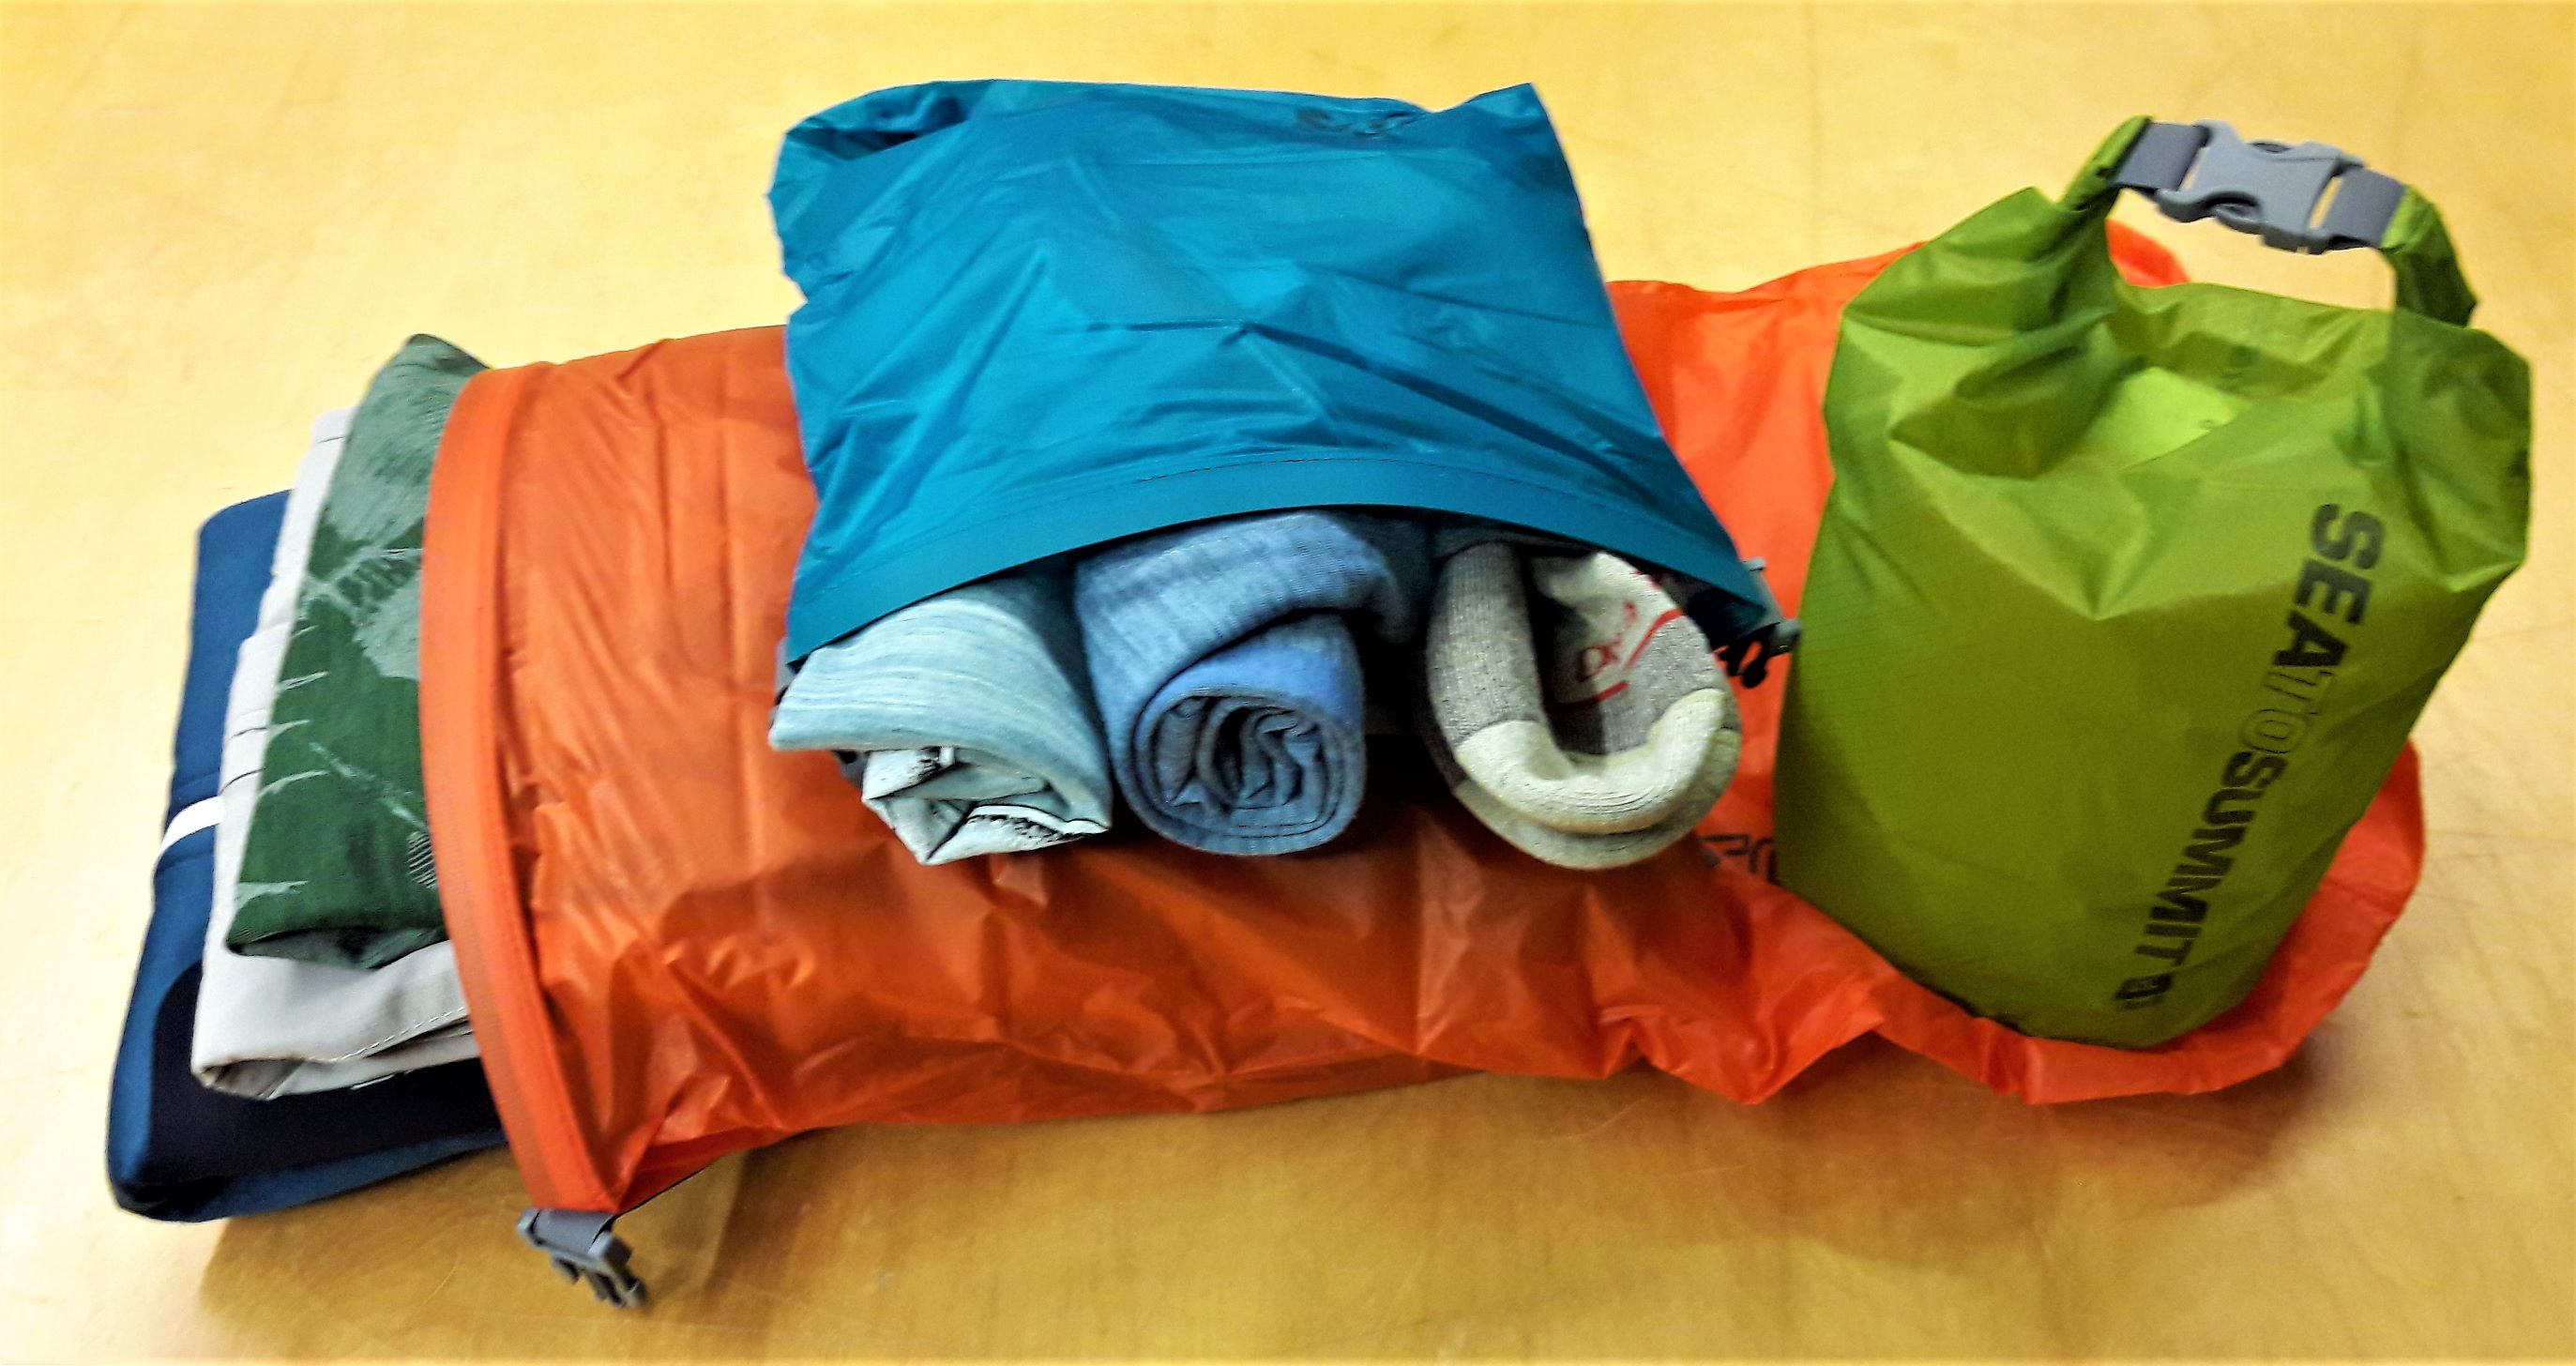 Verpackte Bekleidung in Packsäcken